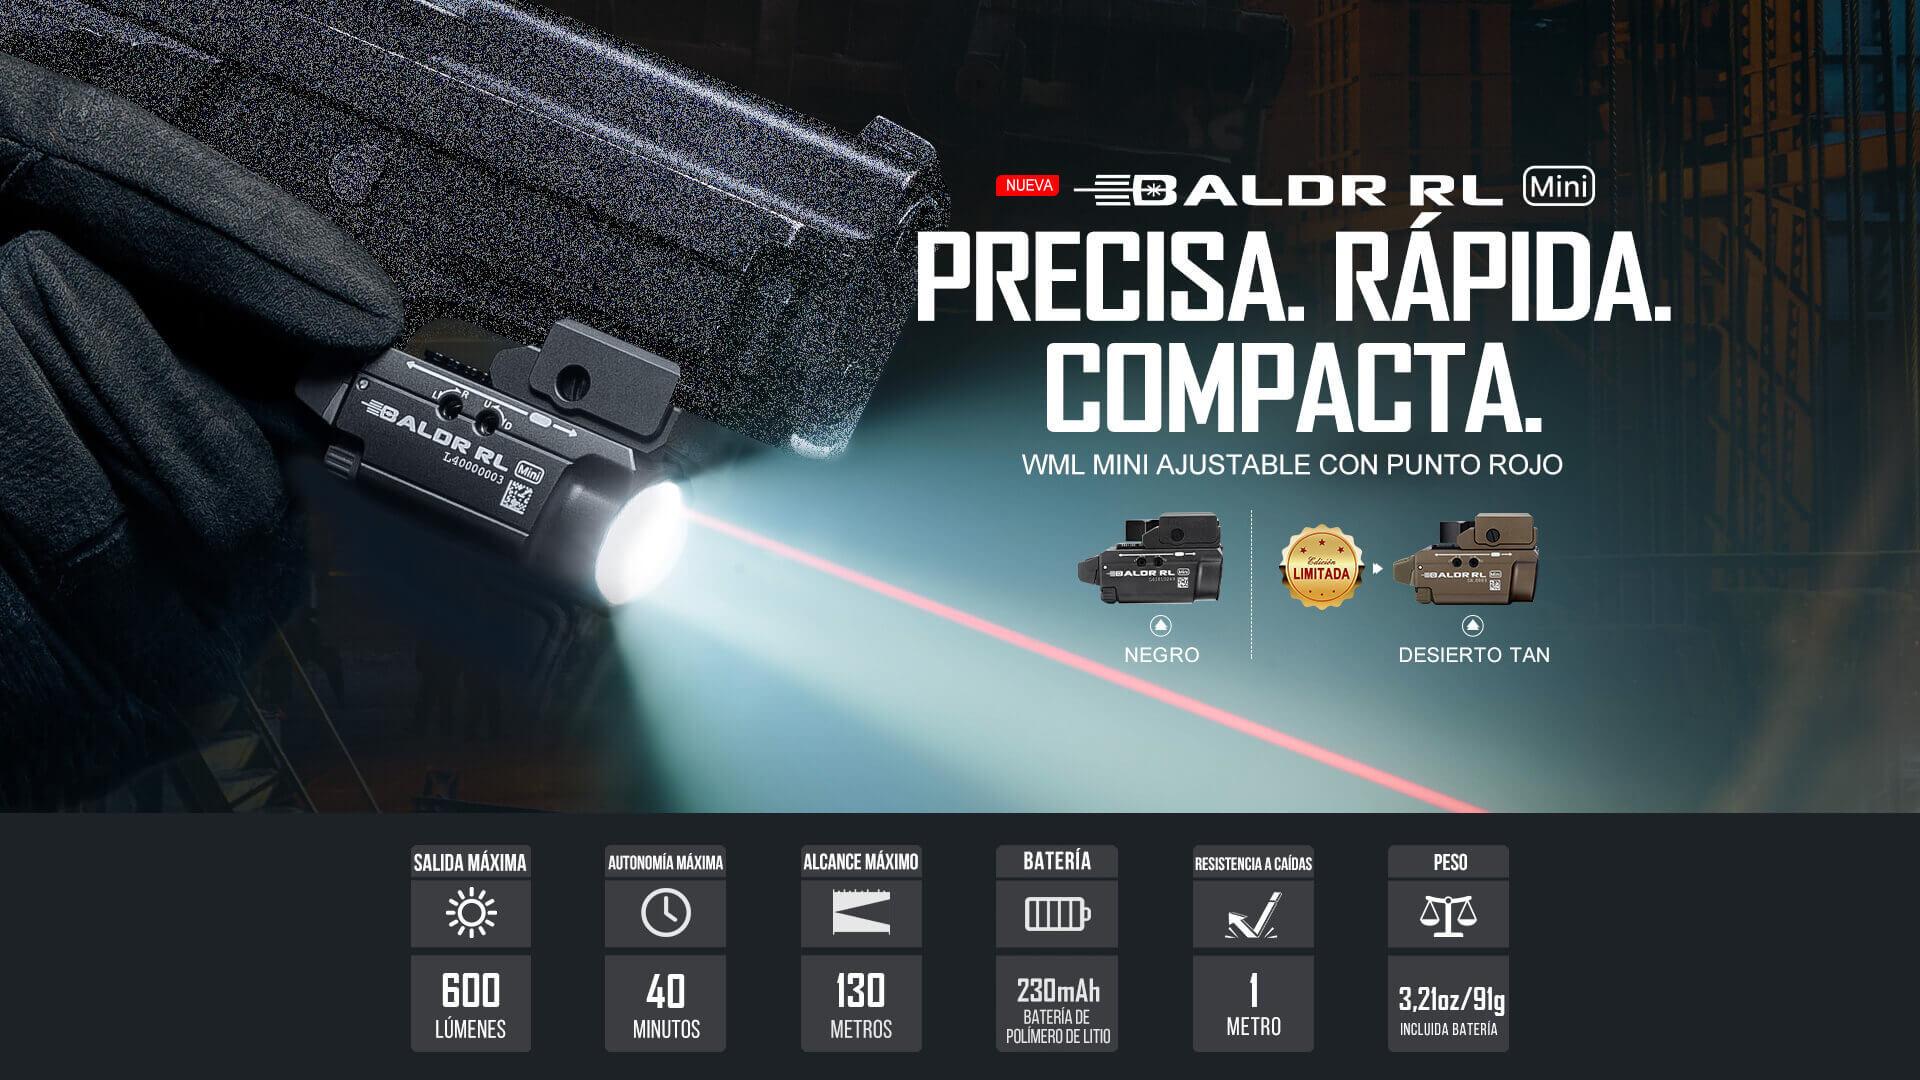 Olight Baldr RL Mini es una linterna táctica precisa, rápida y compacta